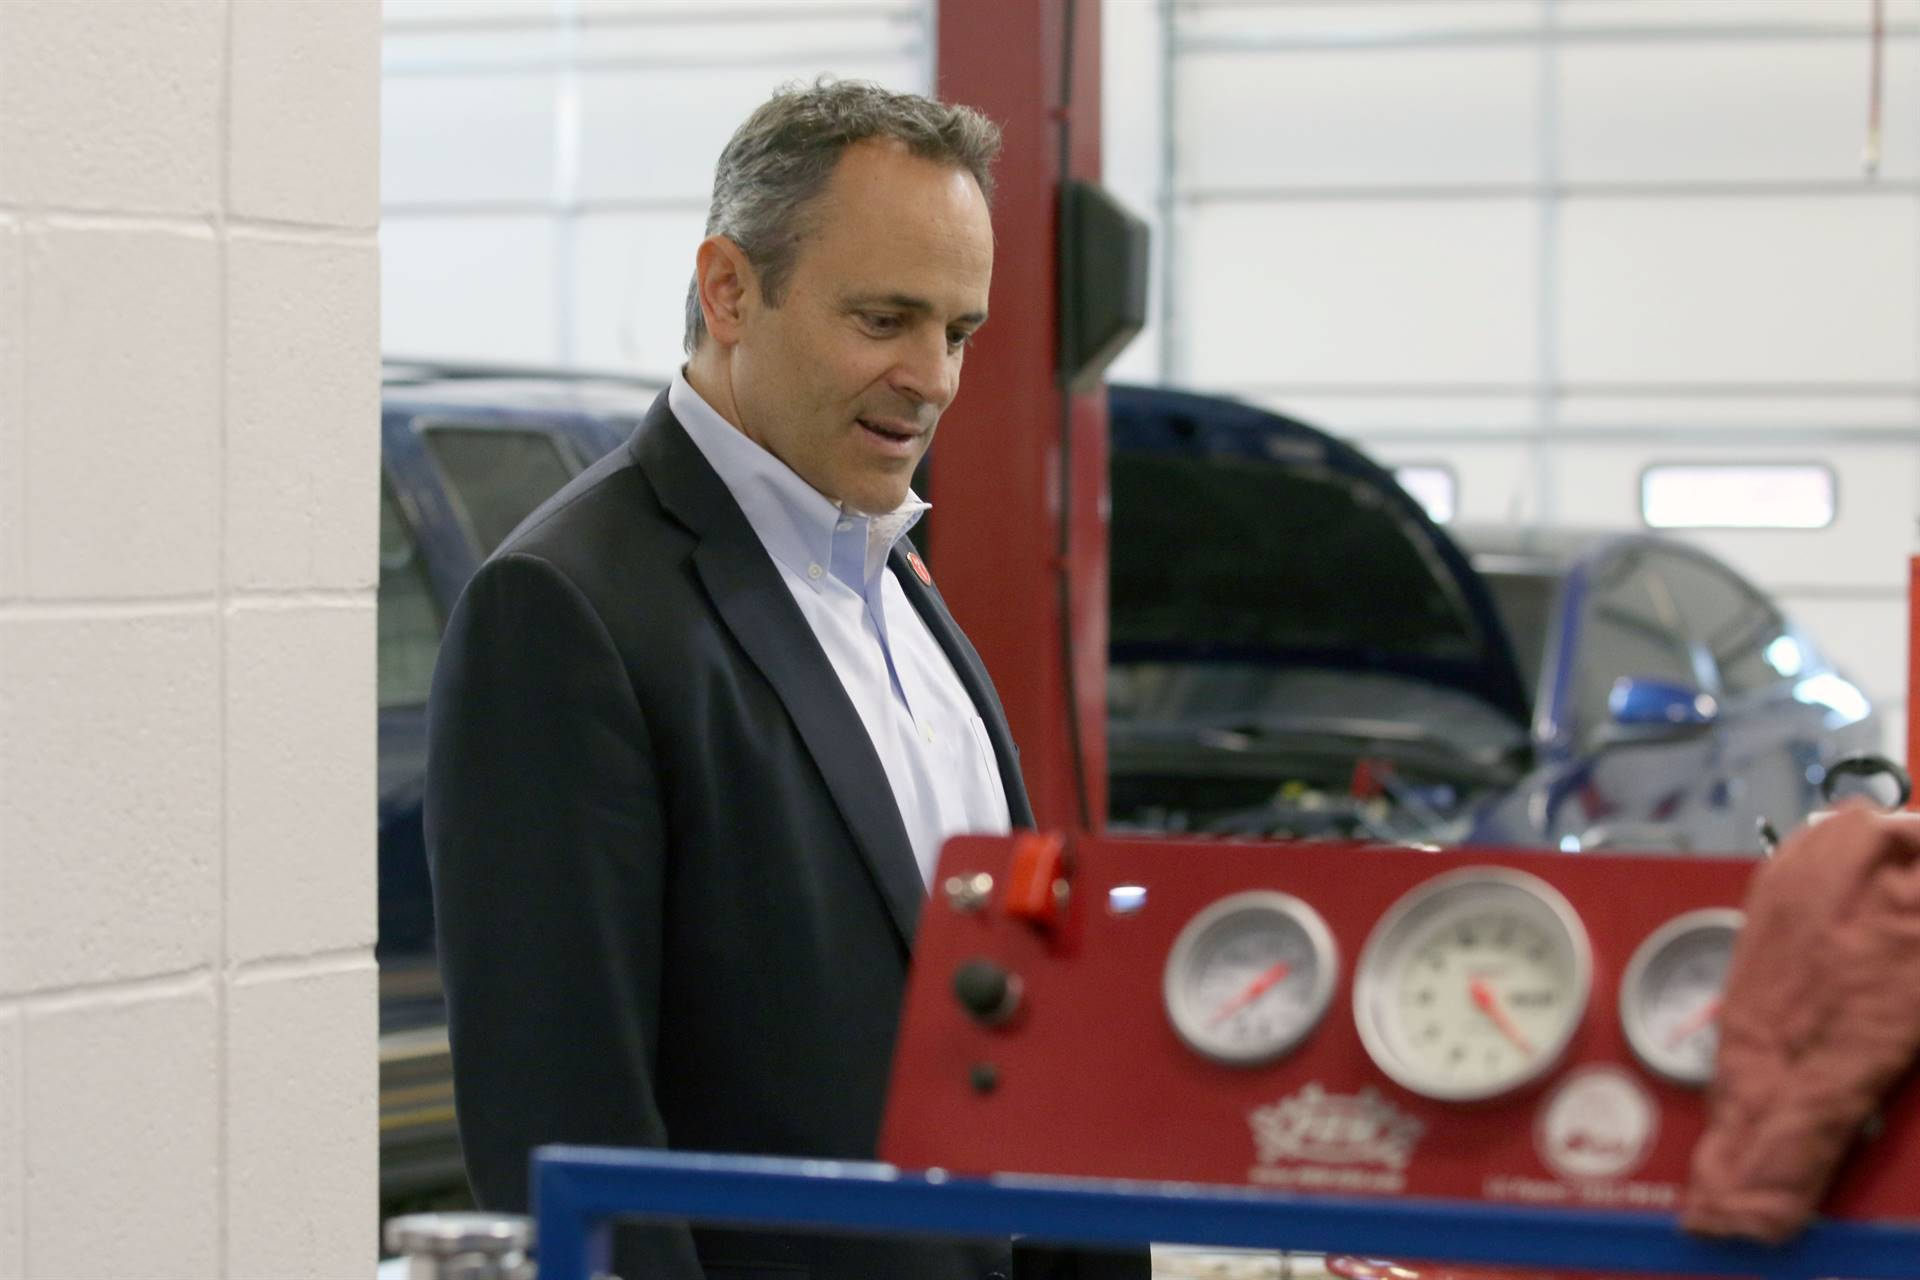 Visit from Governor Matt Bevin